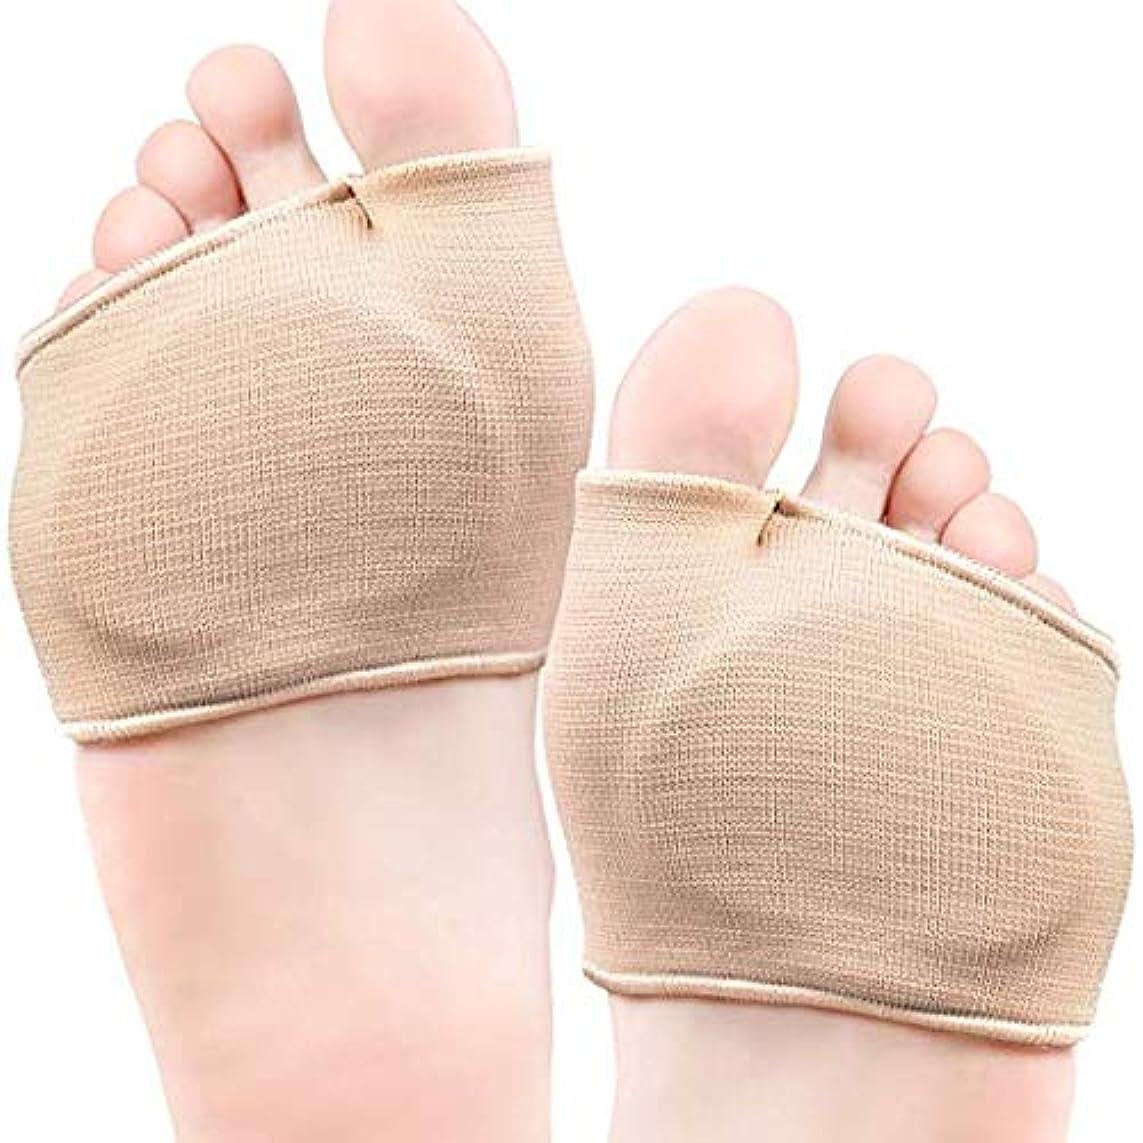 なしで薄い内向き前足部クッションパッド付き中足部ジェルスリーブ(2ペア)-足の健康のボールをサポート(サイズ:L/XL-中足部スリーブ-靴/ブーツ)